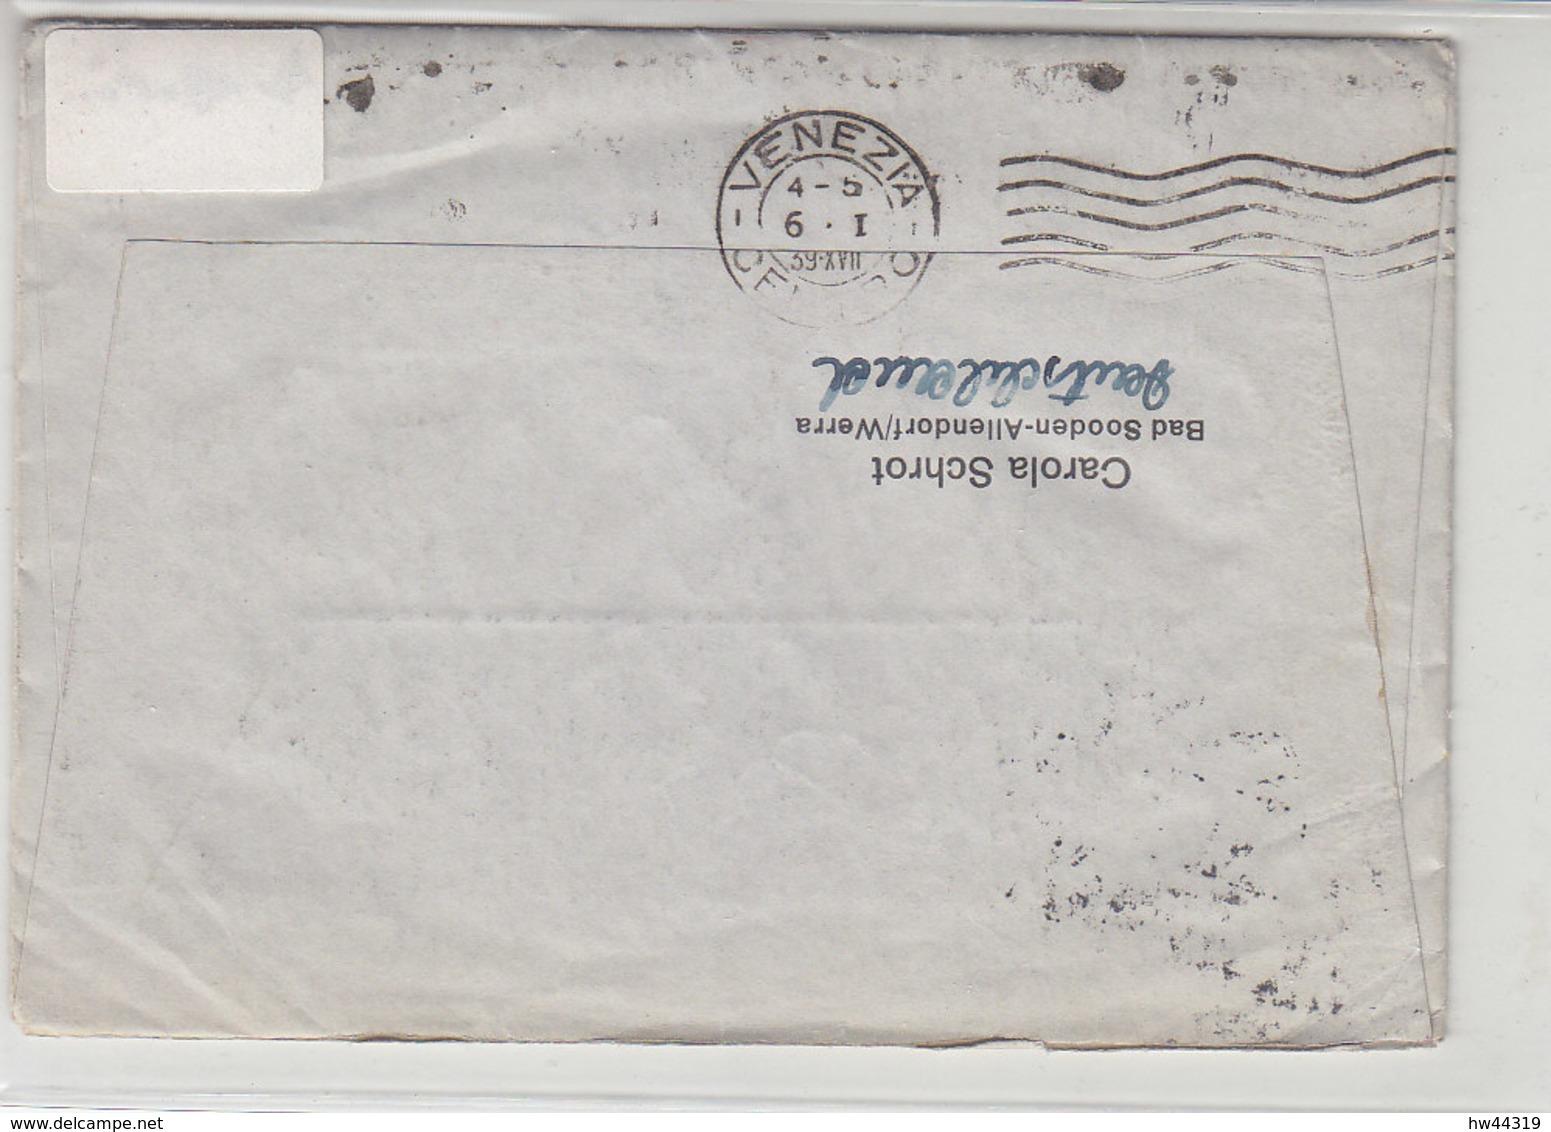 Schiffspost An Urlauber .... WILHELM GUSTLOFF Aus BAD SOODEN ALLENDORF 4.1.39 Mit Inhalt / AK-Stempel Venezia - Briefe U. Dokumente